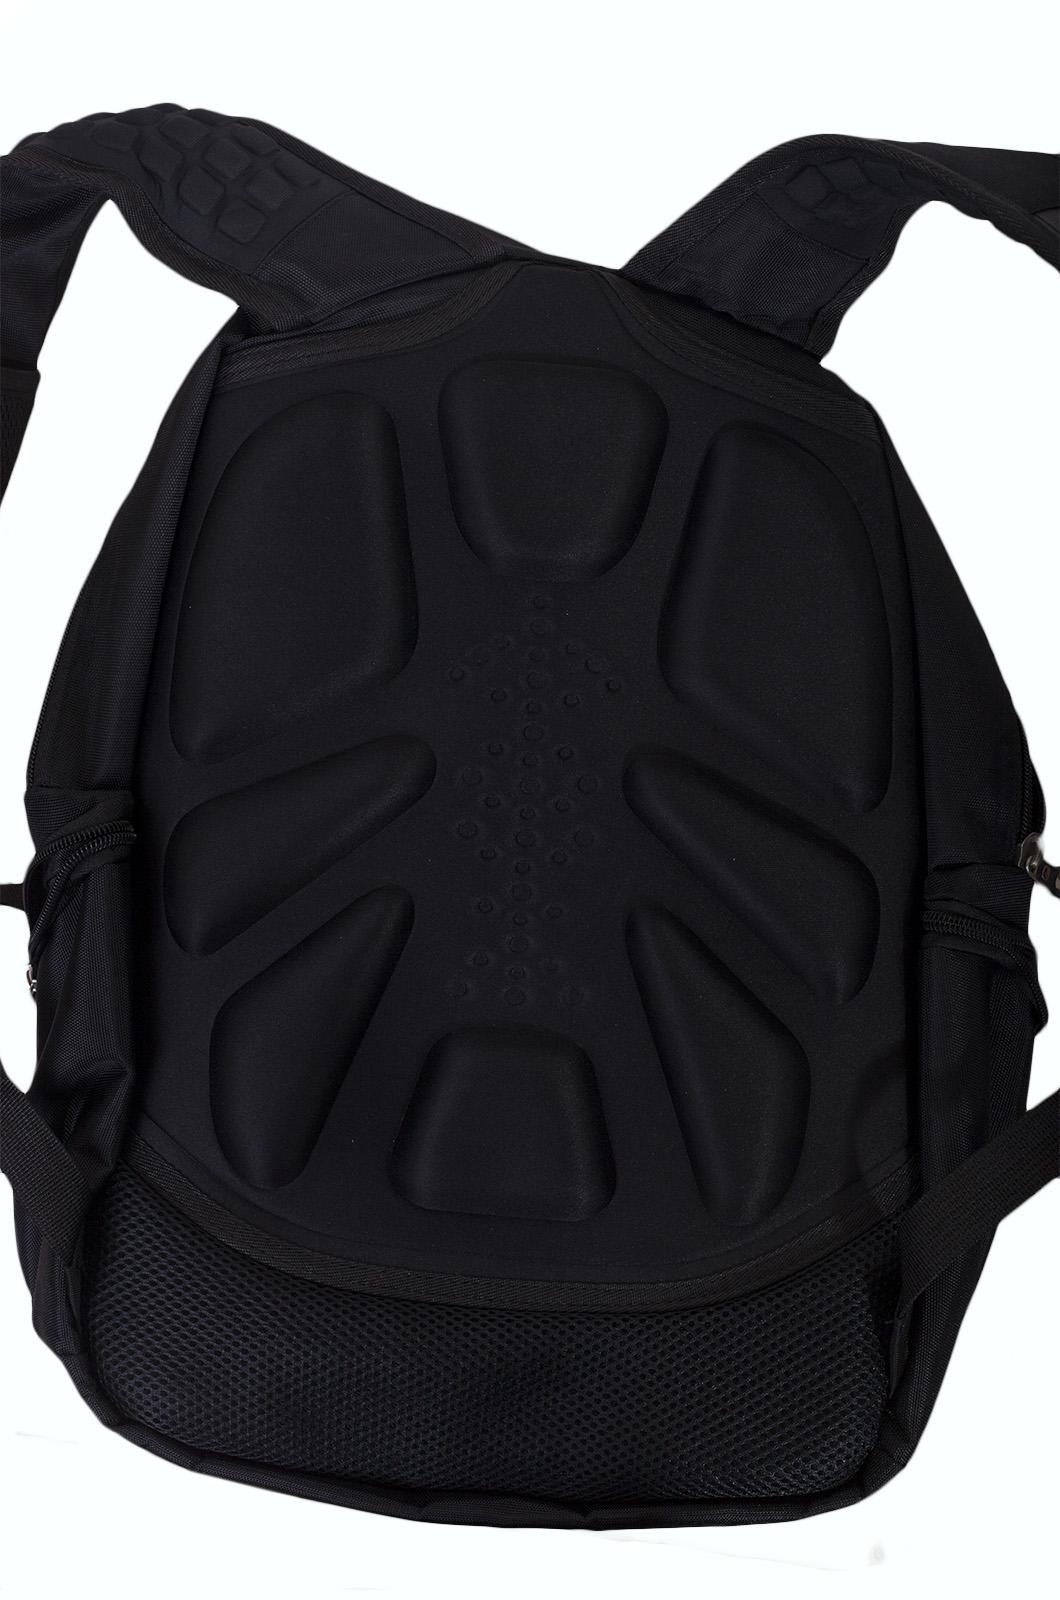 Стильный городской рюкзак с шевроном Пограничной службы купить в подарок